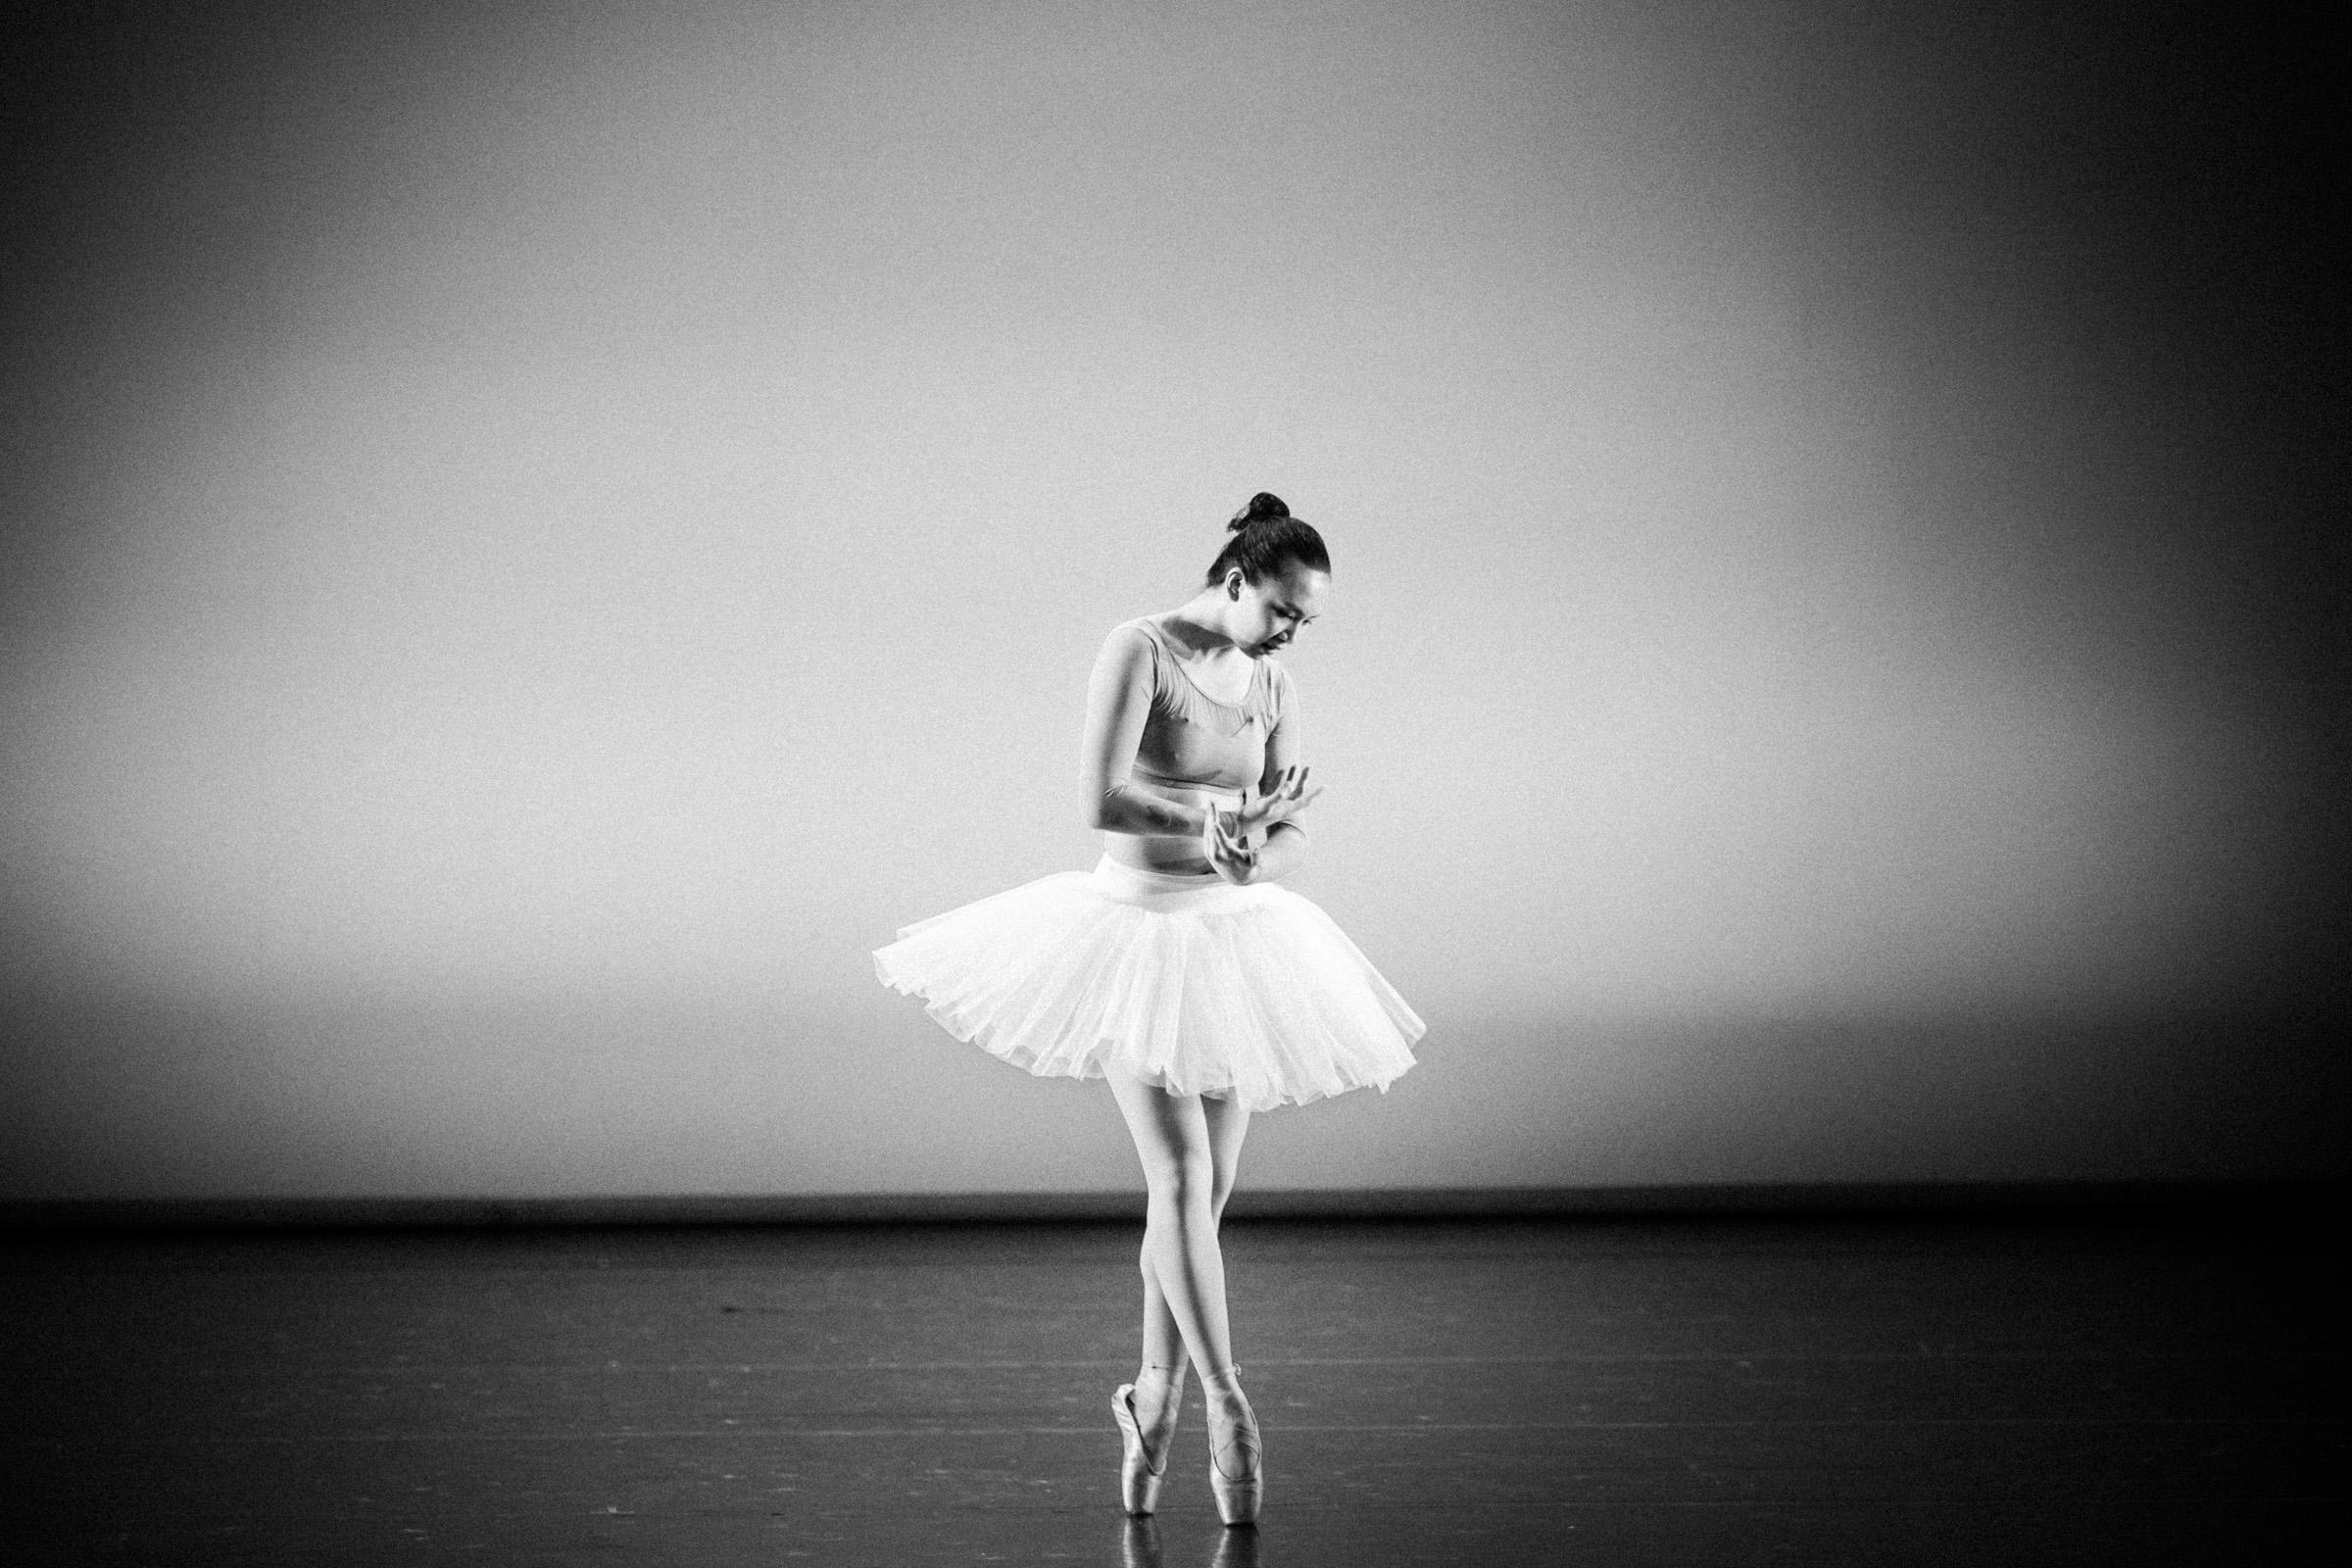 2018_03_29_duke_ballet_dance_performance-0883-blog-2.jpg